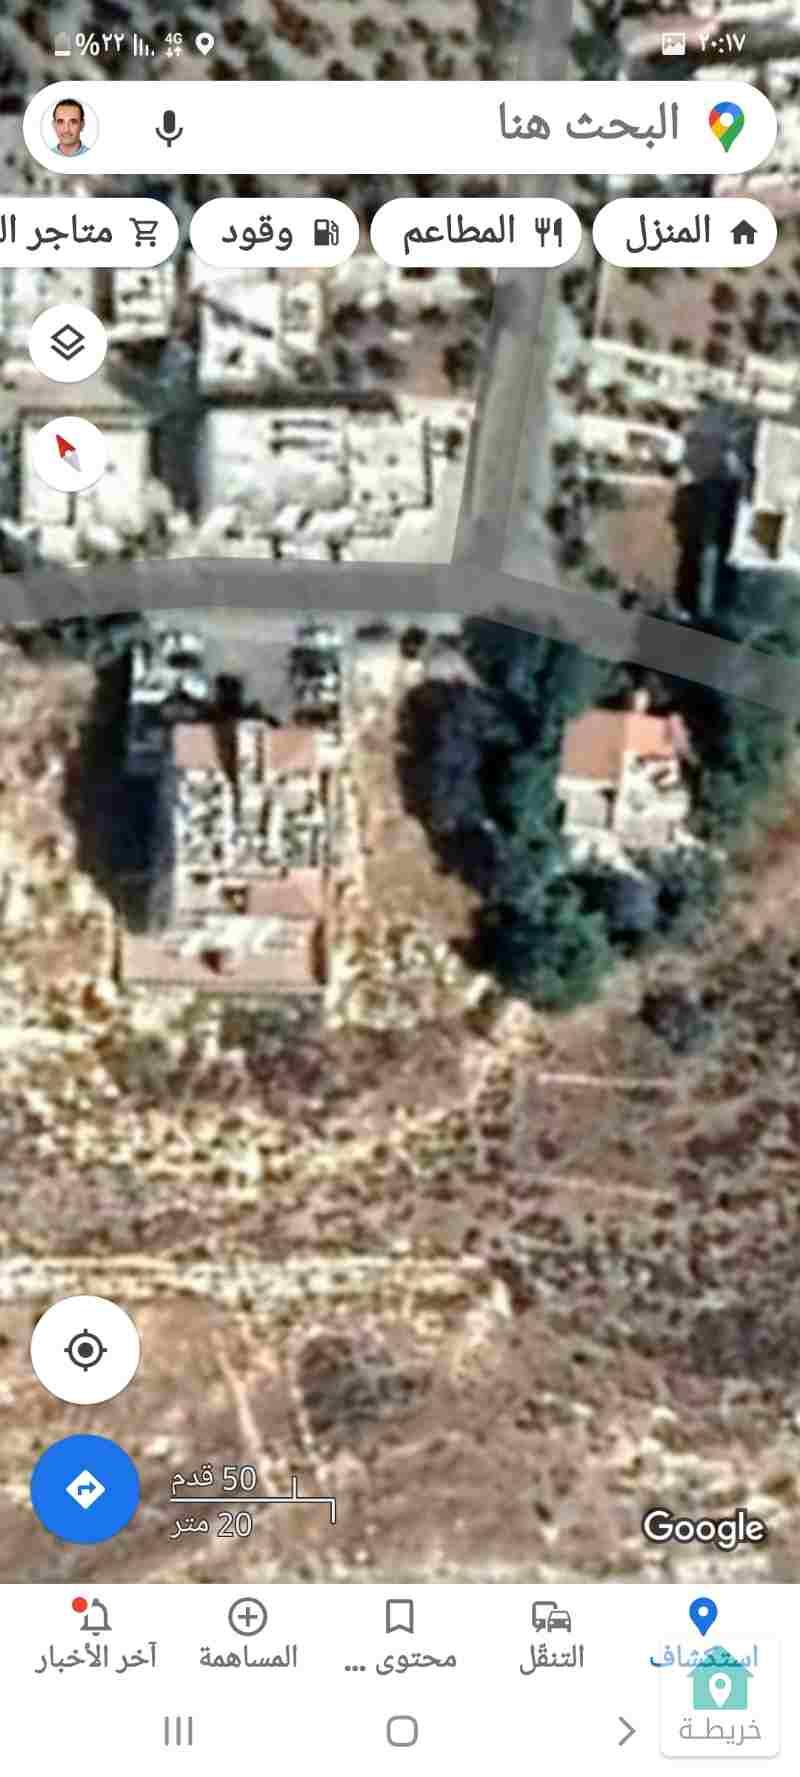 أرض سكنية للبيع في الفحيص 1000 متر سكن خاص